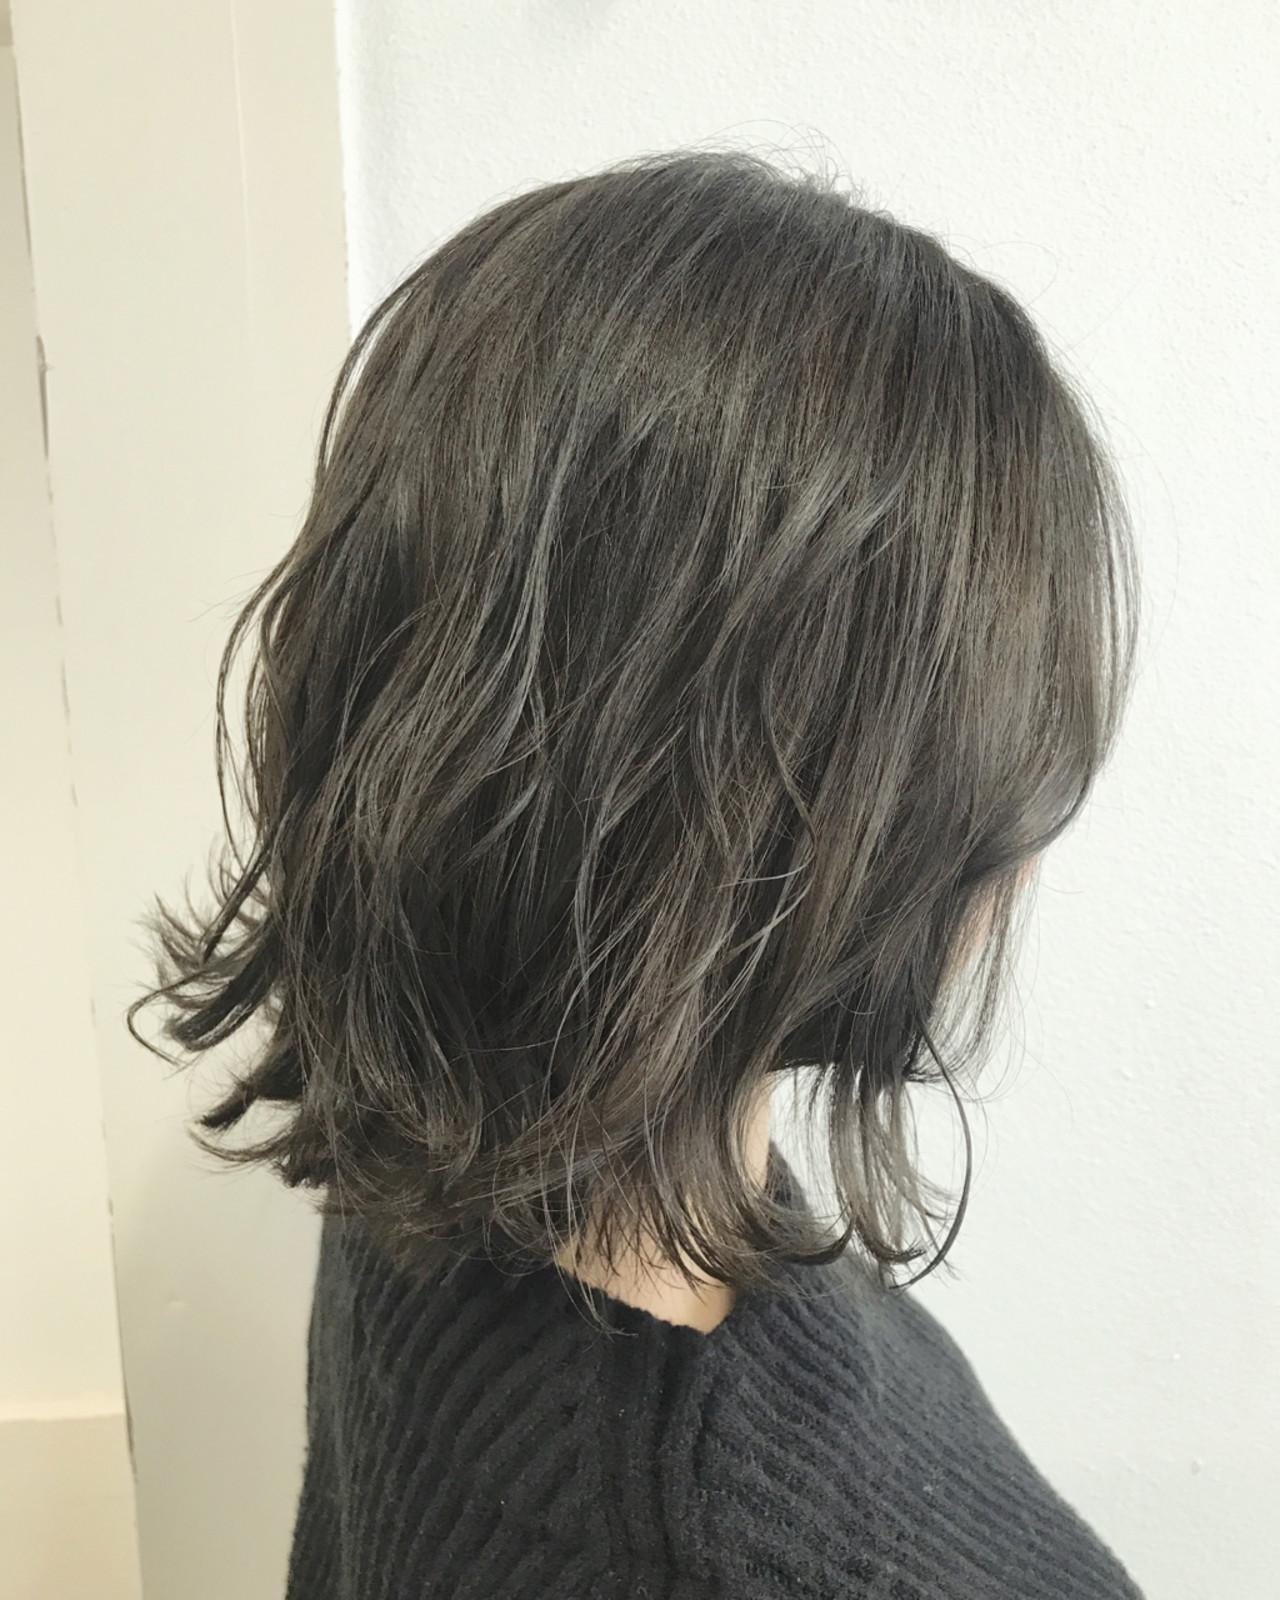 ボブ 透明感 オリーブアッシュ 外国人風カラー ヘアスタイルや髪型の写真・画像